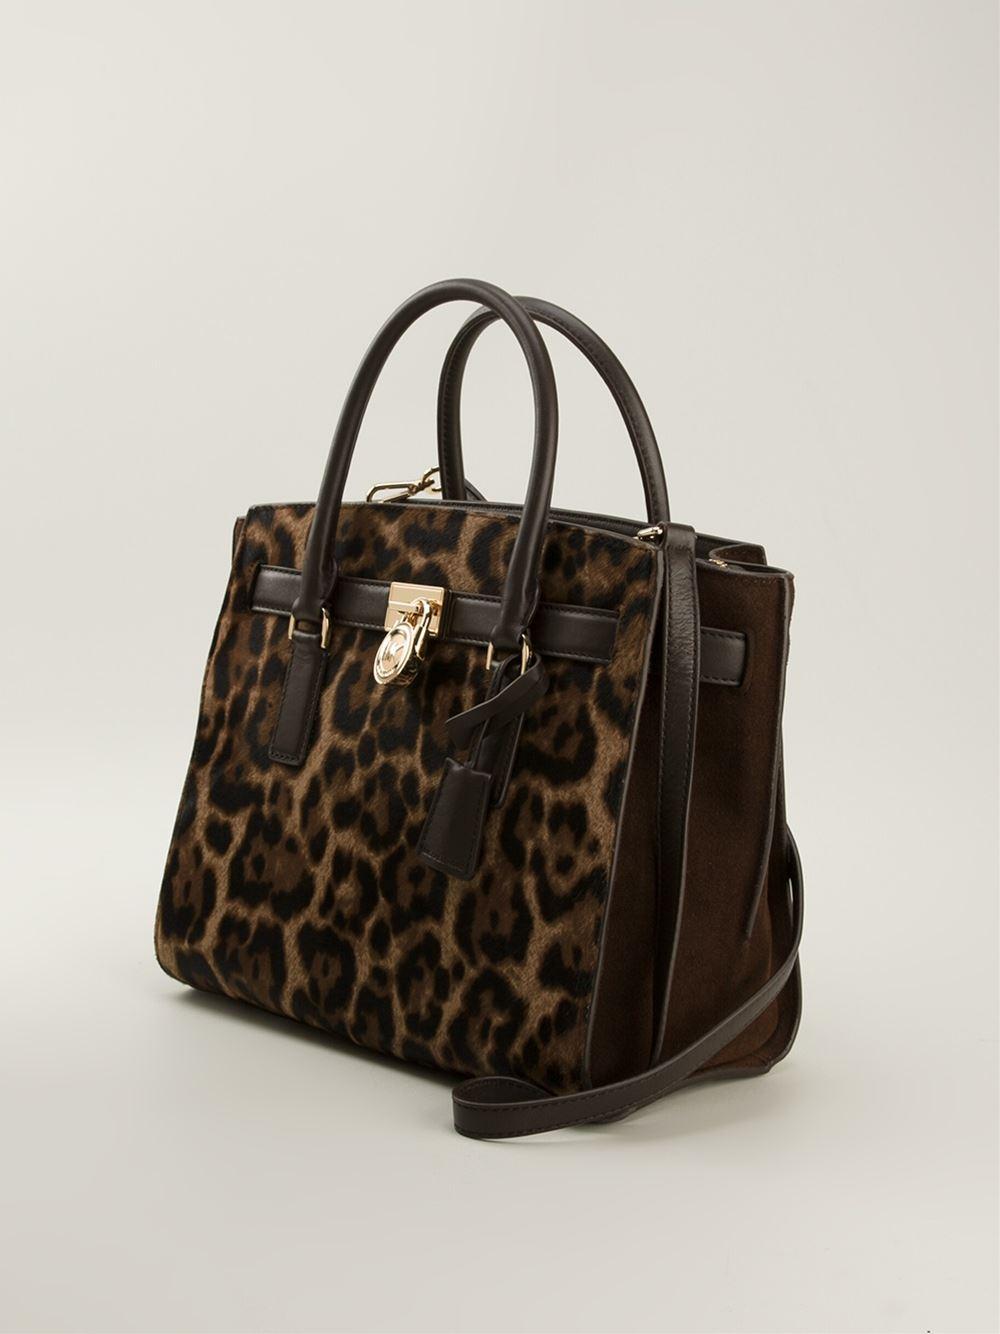 06831f9094706 12345678 78a01 b8995  promo code michael michael kors hamilton traveler leopard  print satchel in 8a92d 7d745